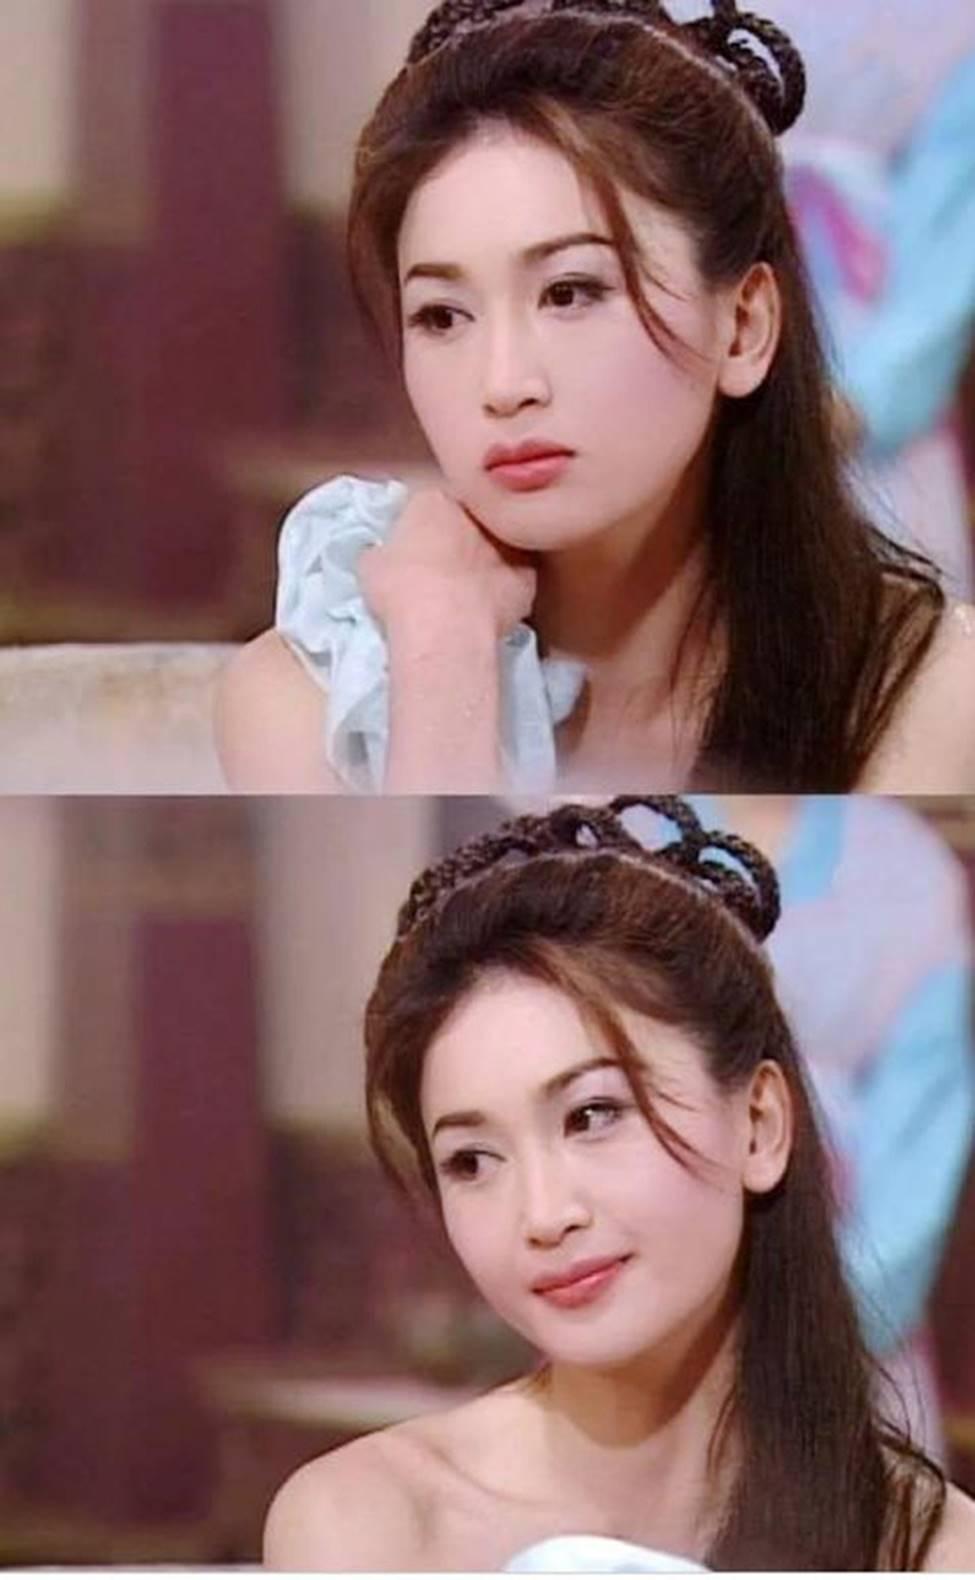 Tiểu Long Nữ đẹp nhất màn ảnh lộ da mặt nhăn nheo, già nua gây thất vọng-8